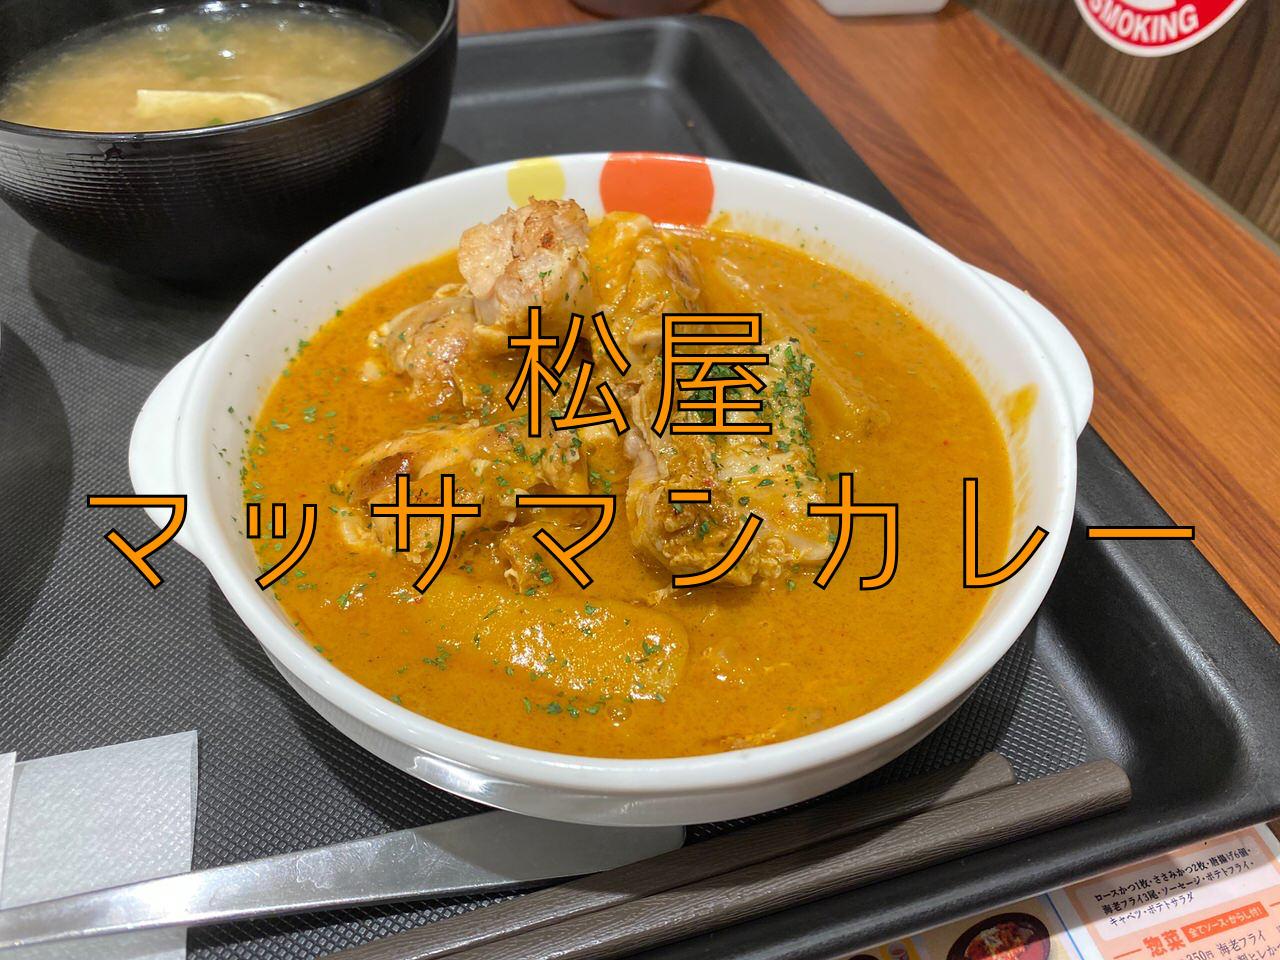 【松屋】世界一美味しい料理と言われるタイ料理「マッサマンカレー」が美味い!香りからしてタイで最高‥‥